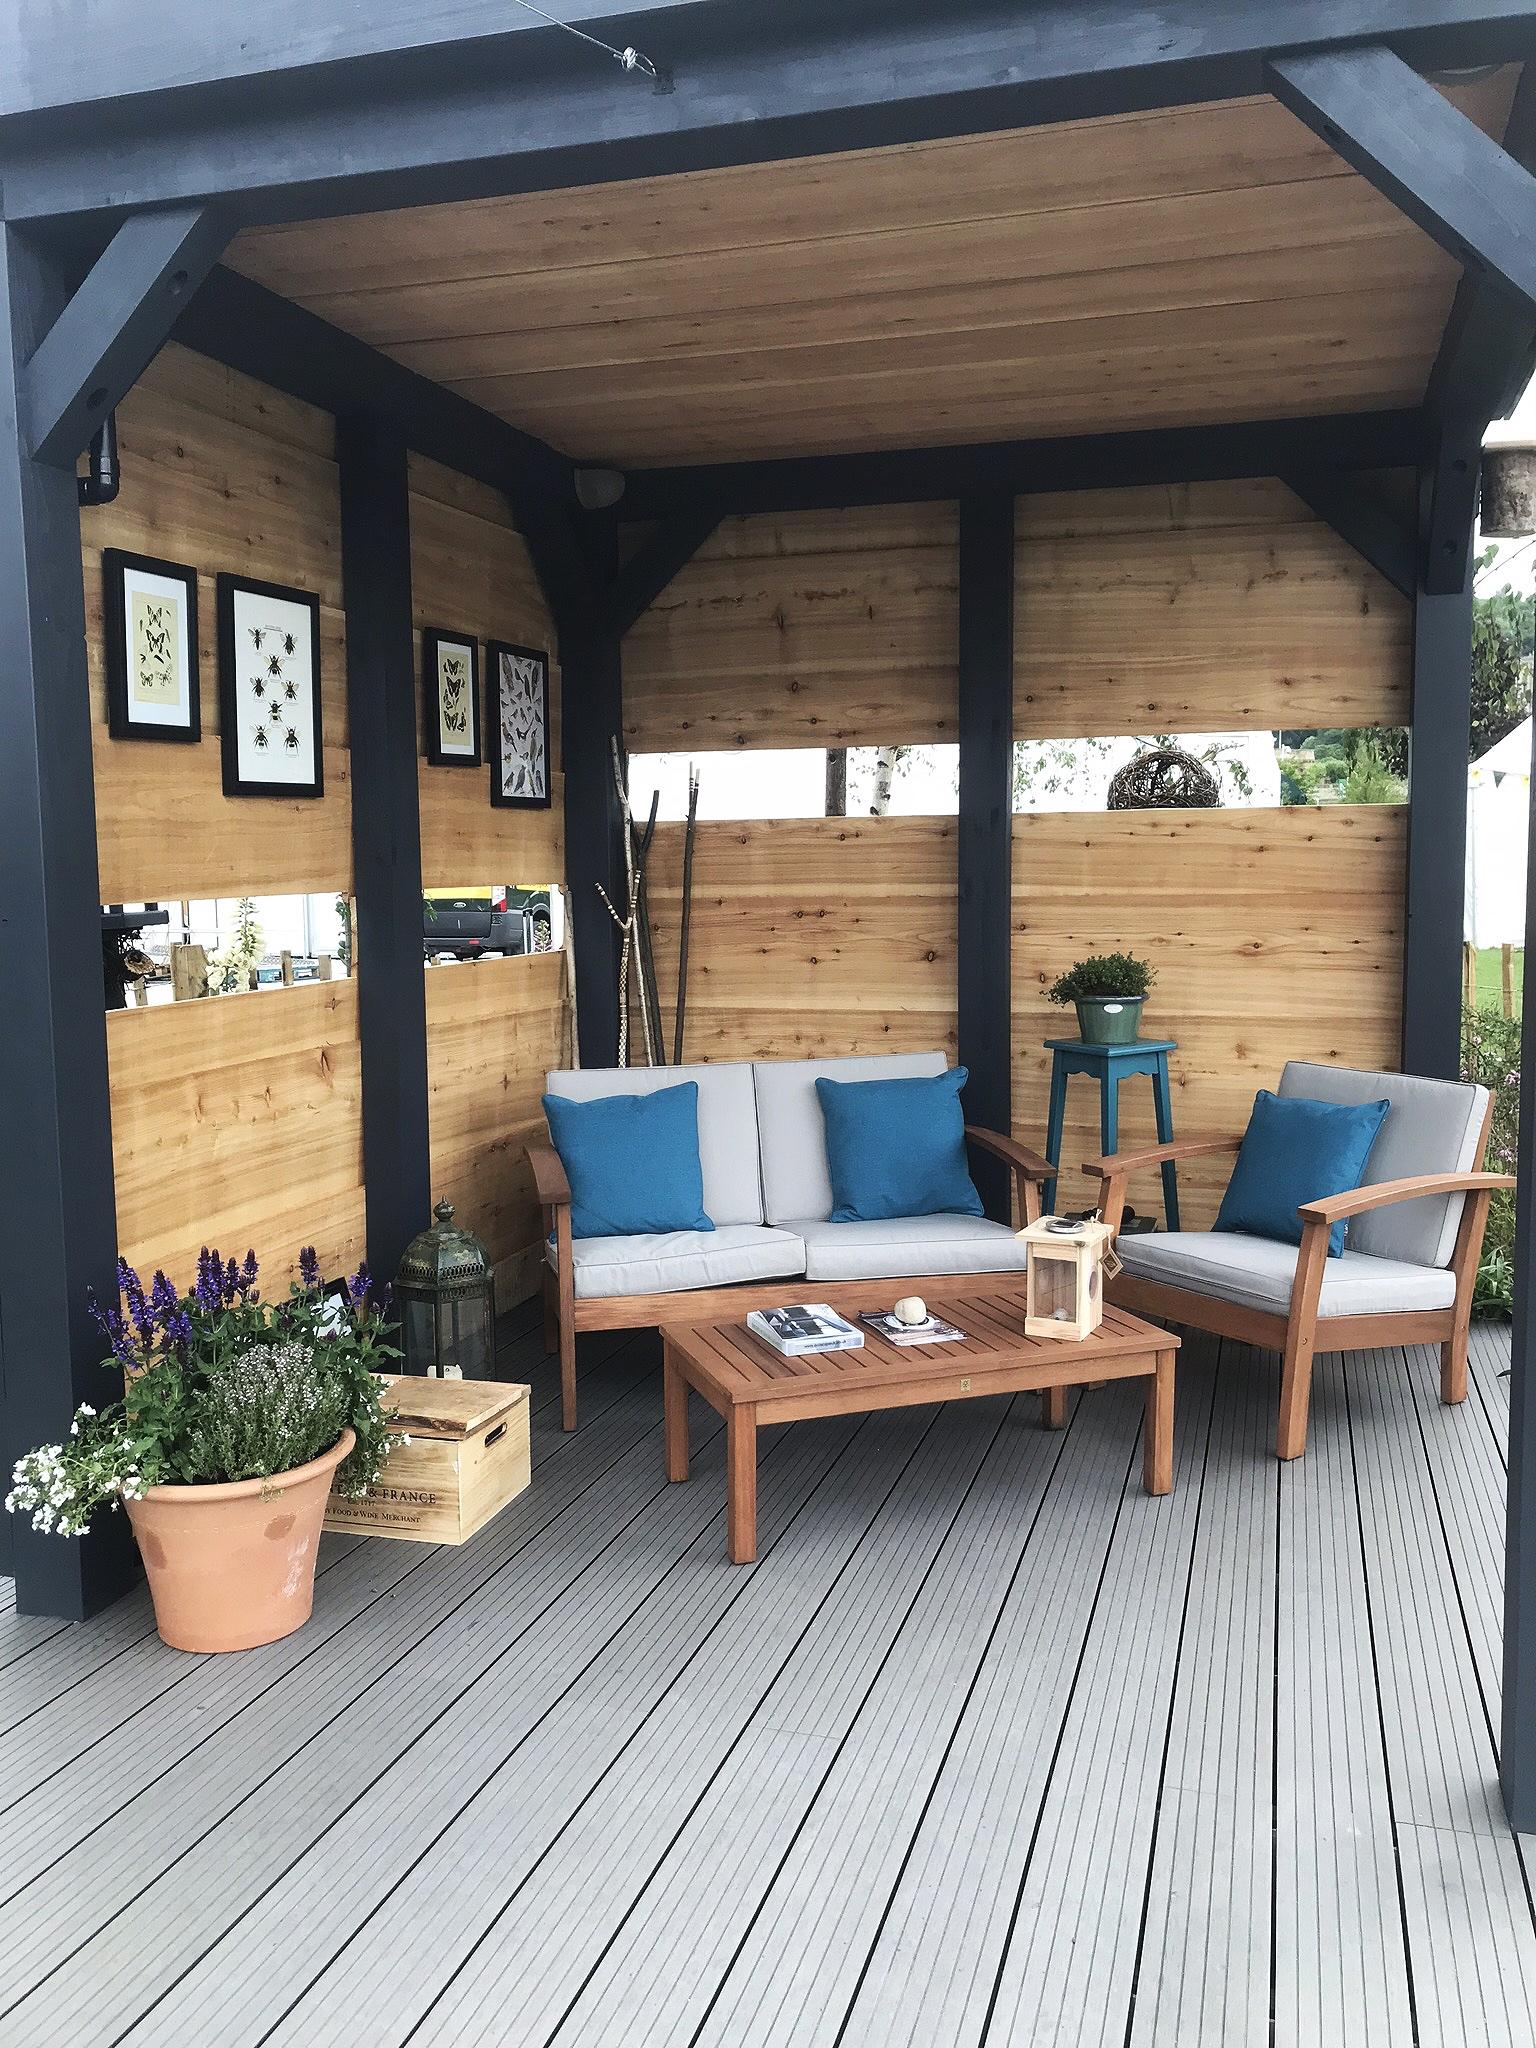 Bird hide inspired garden shelter